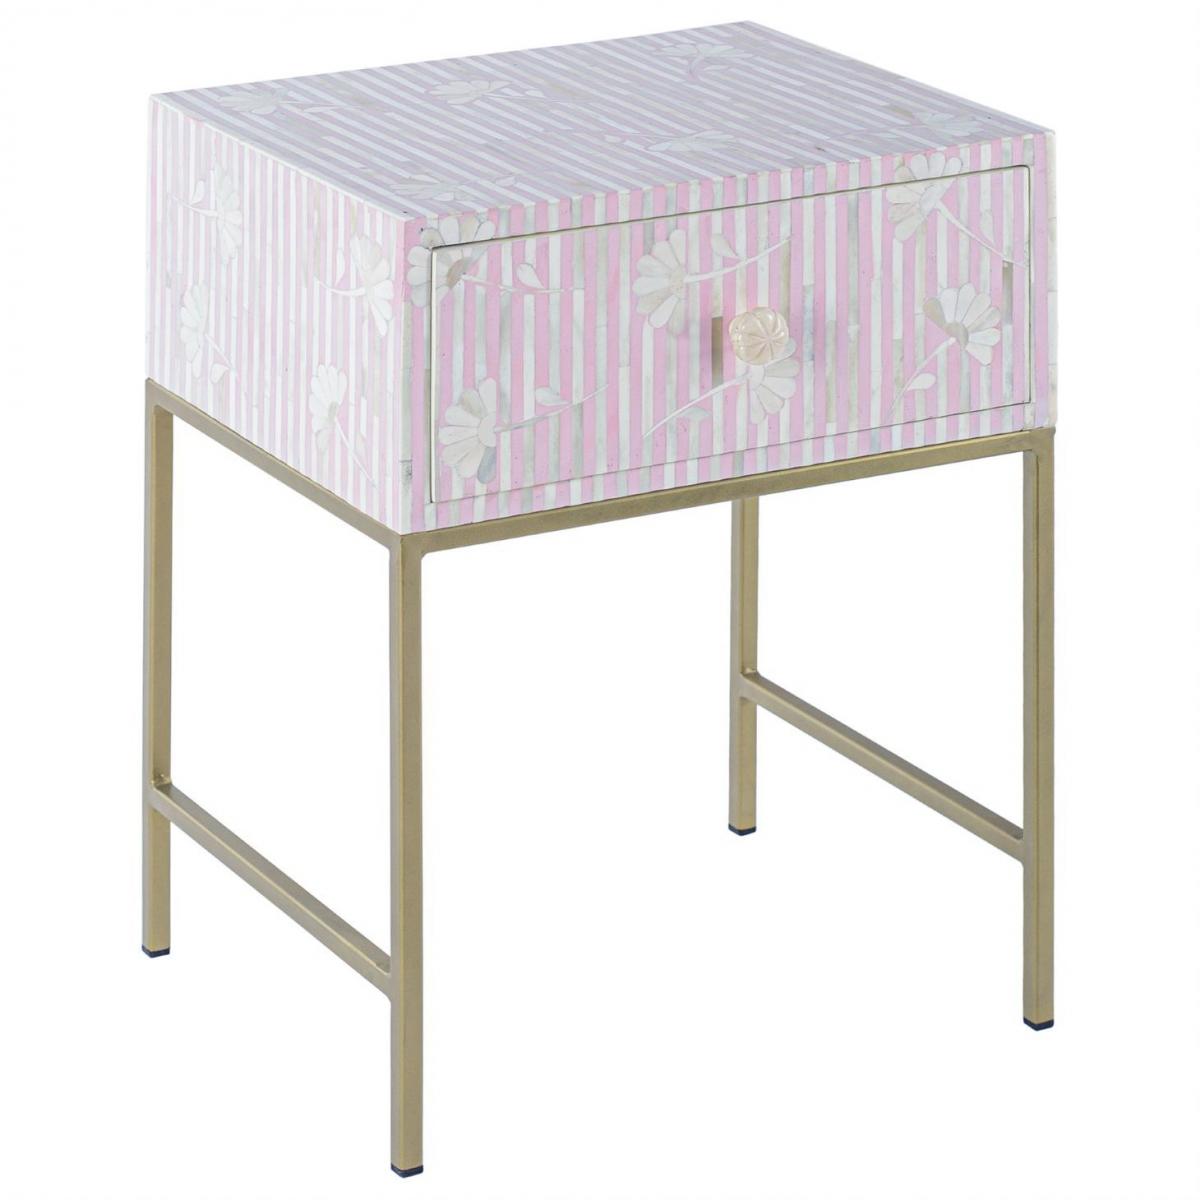 Тумбочка Pink Flower Indian Bone Inlay nightstand  - фото 1